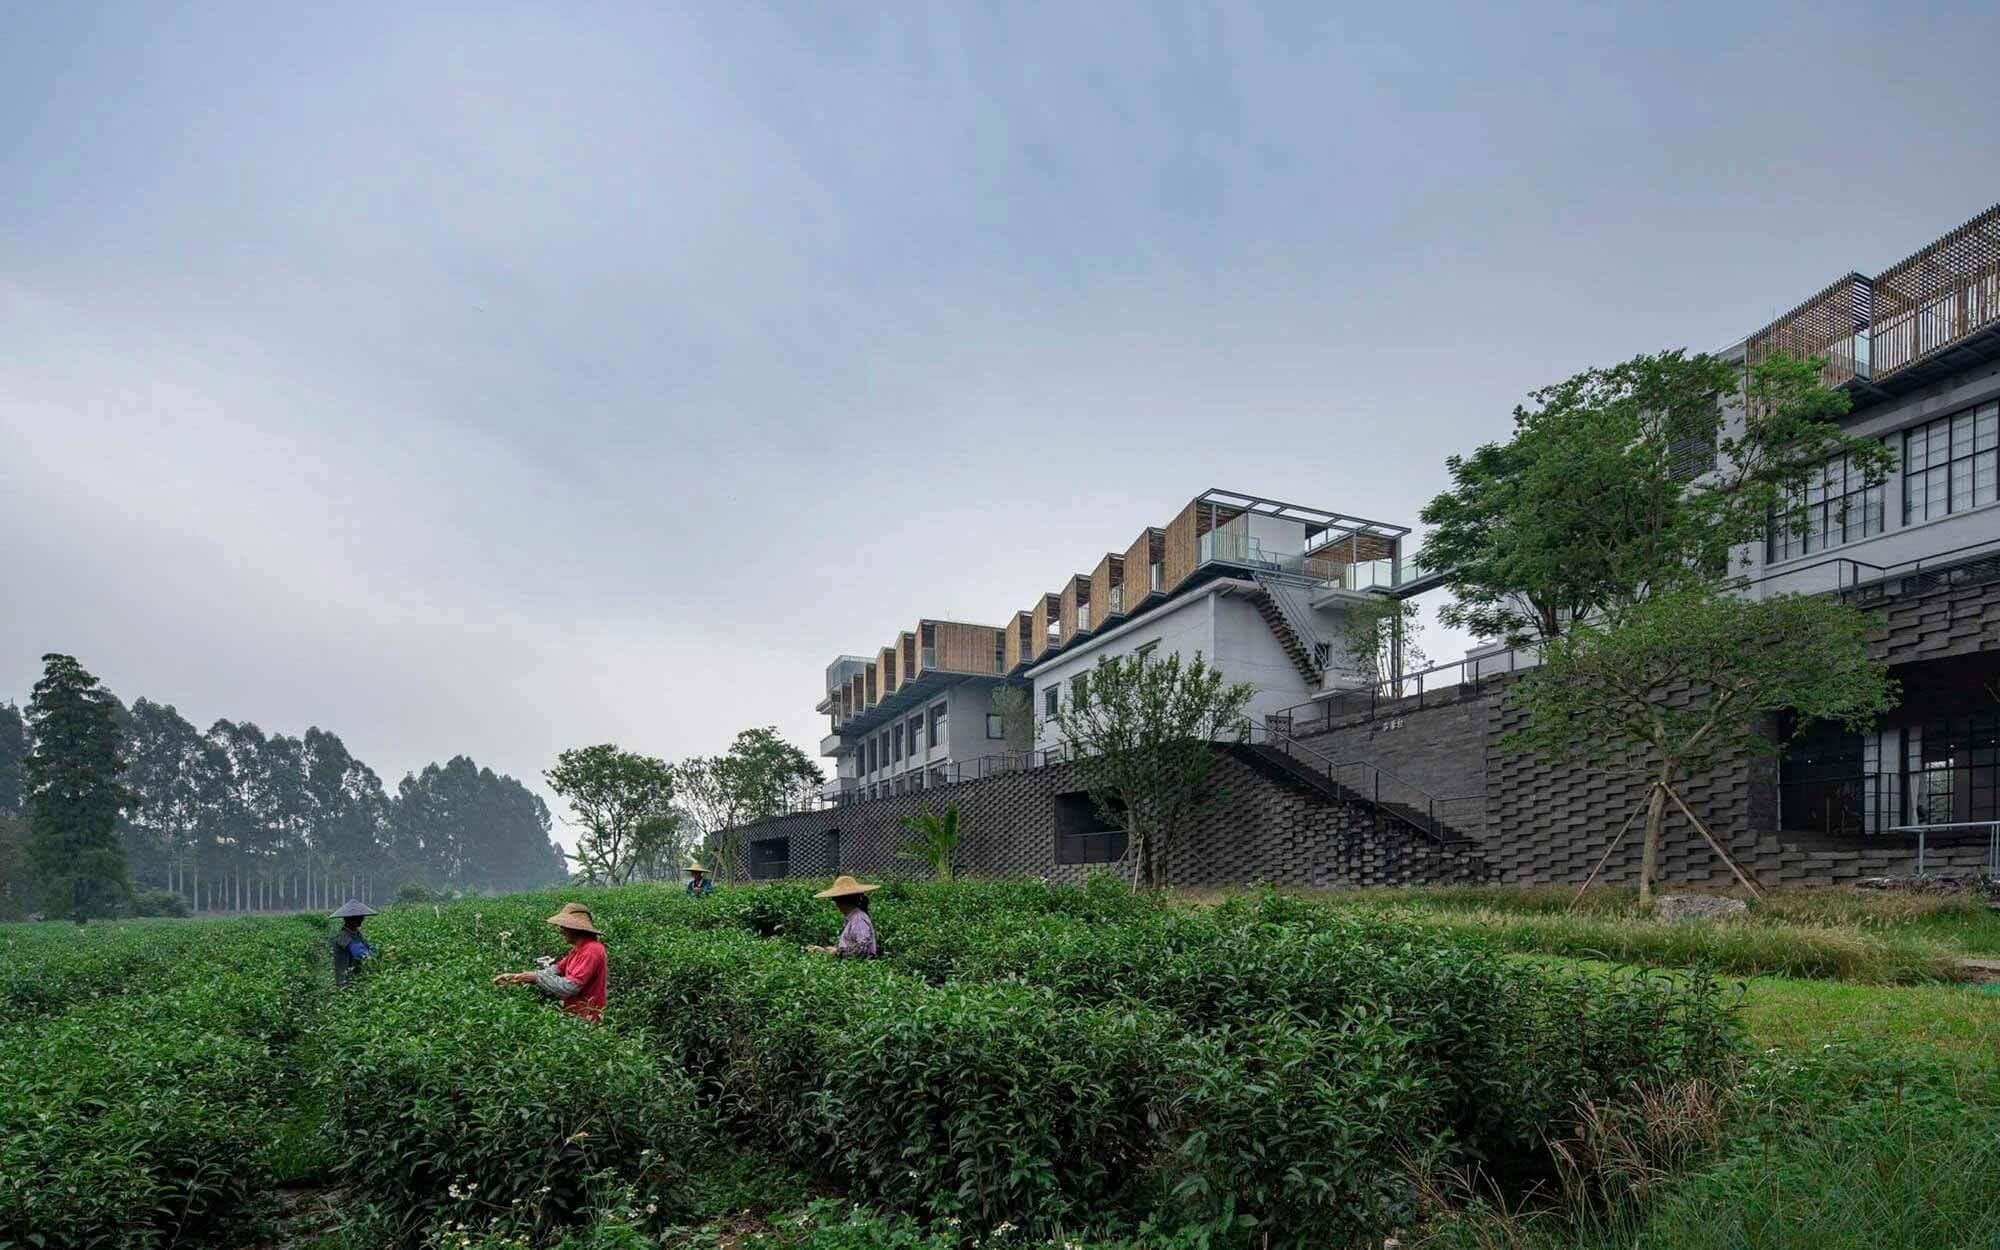 (Ре) формирование Duichuan Tea Yards / O-office Architects